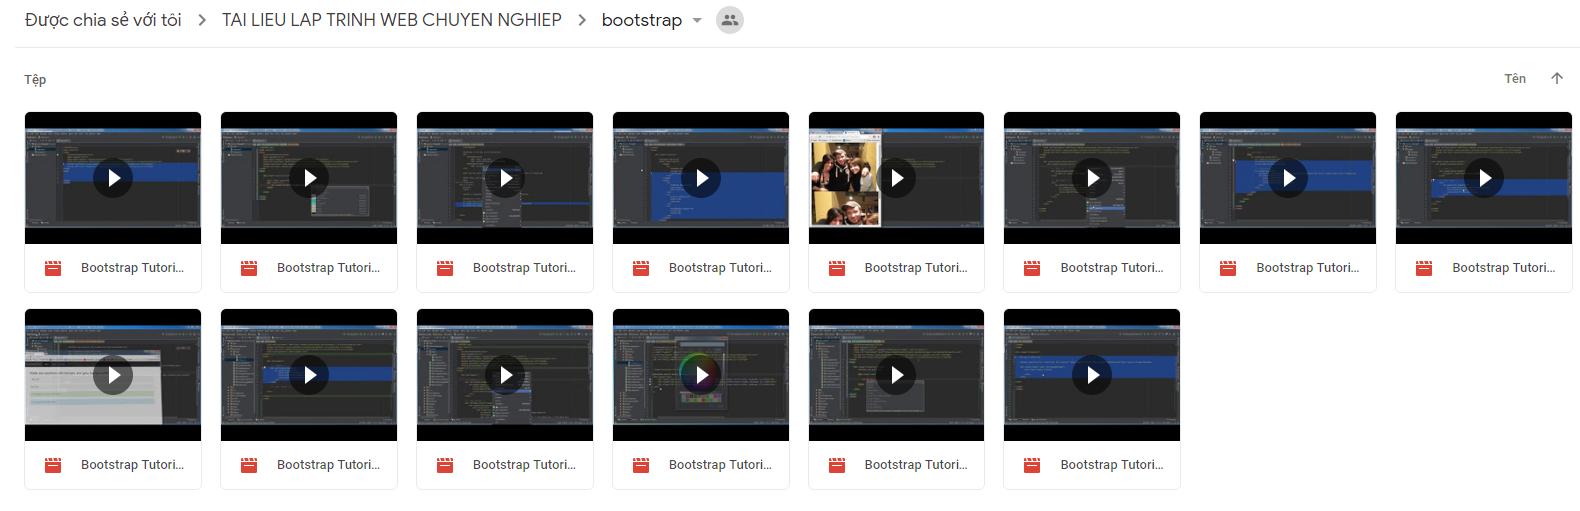 Chia sẽ bộ video full về khóa học lập trình website chuyên nghiệp